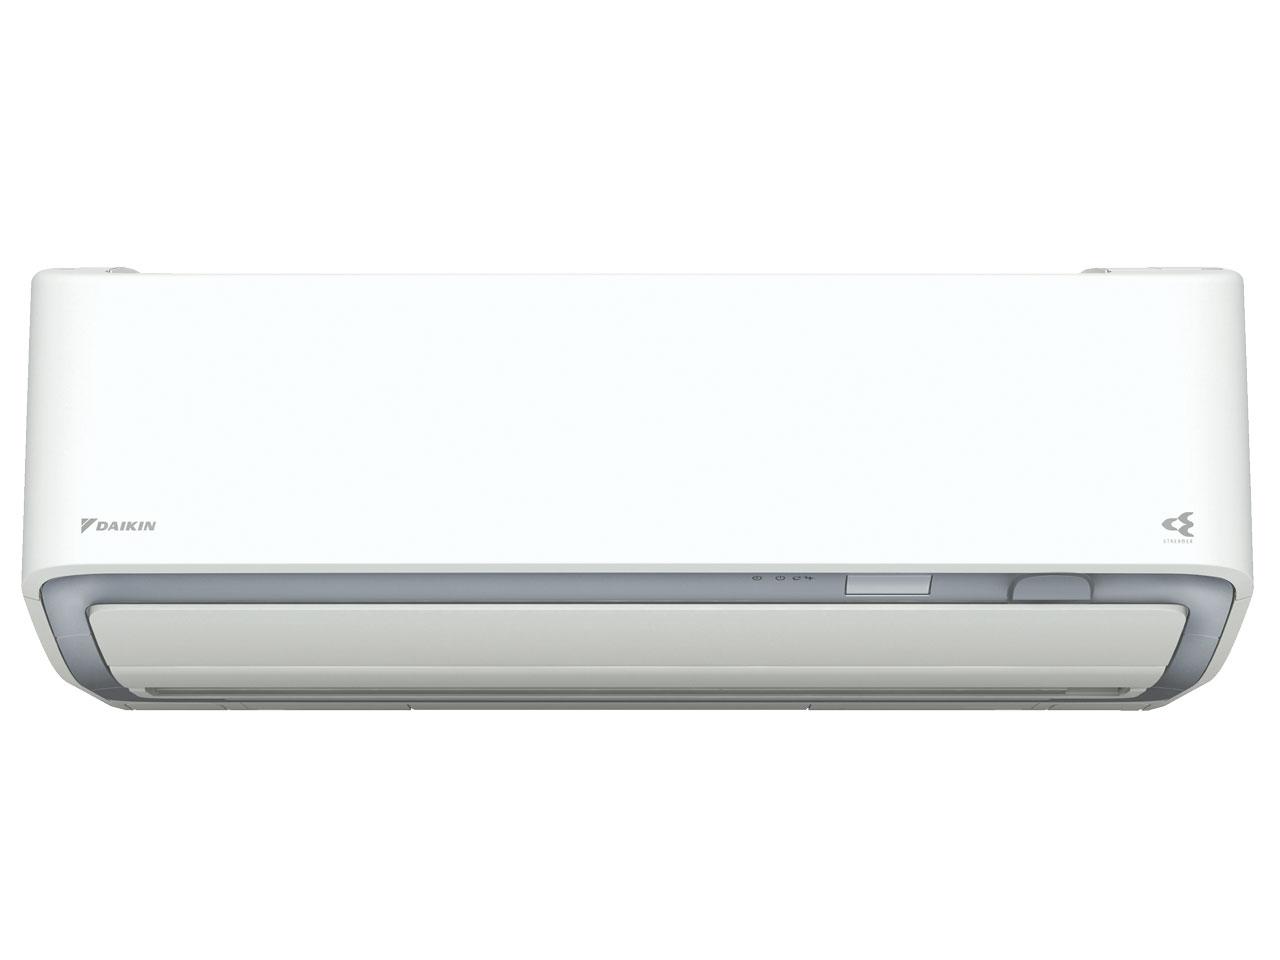 ダイキン 19年モデル AXシリーズ S80WTAXP-W 【200V用】26畳用冷暖房除湿エアコン